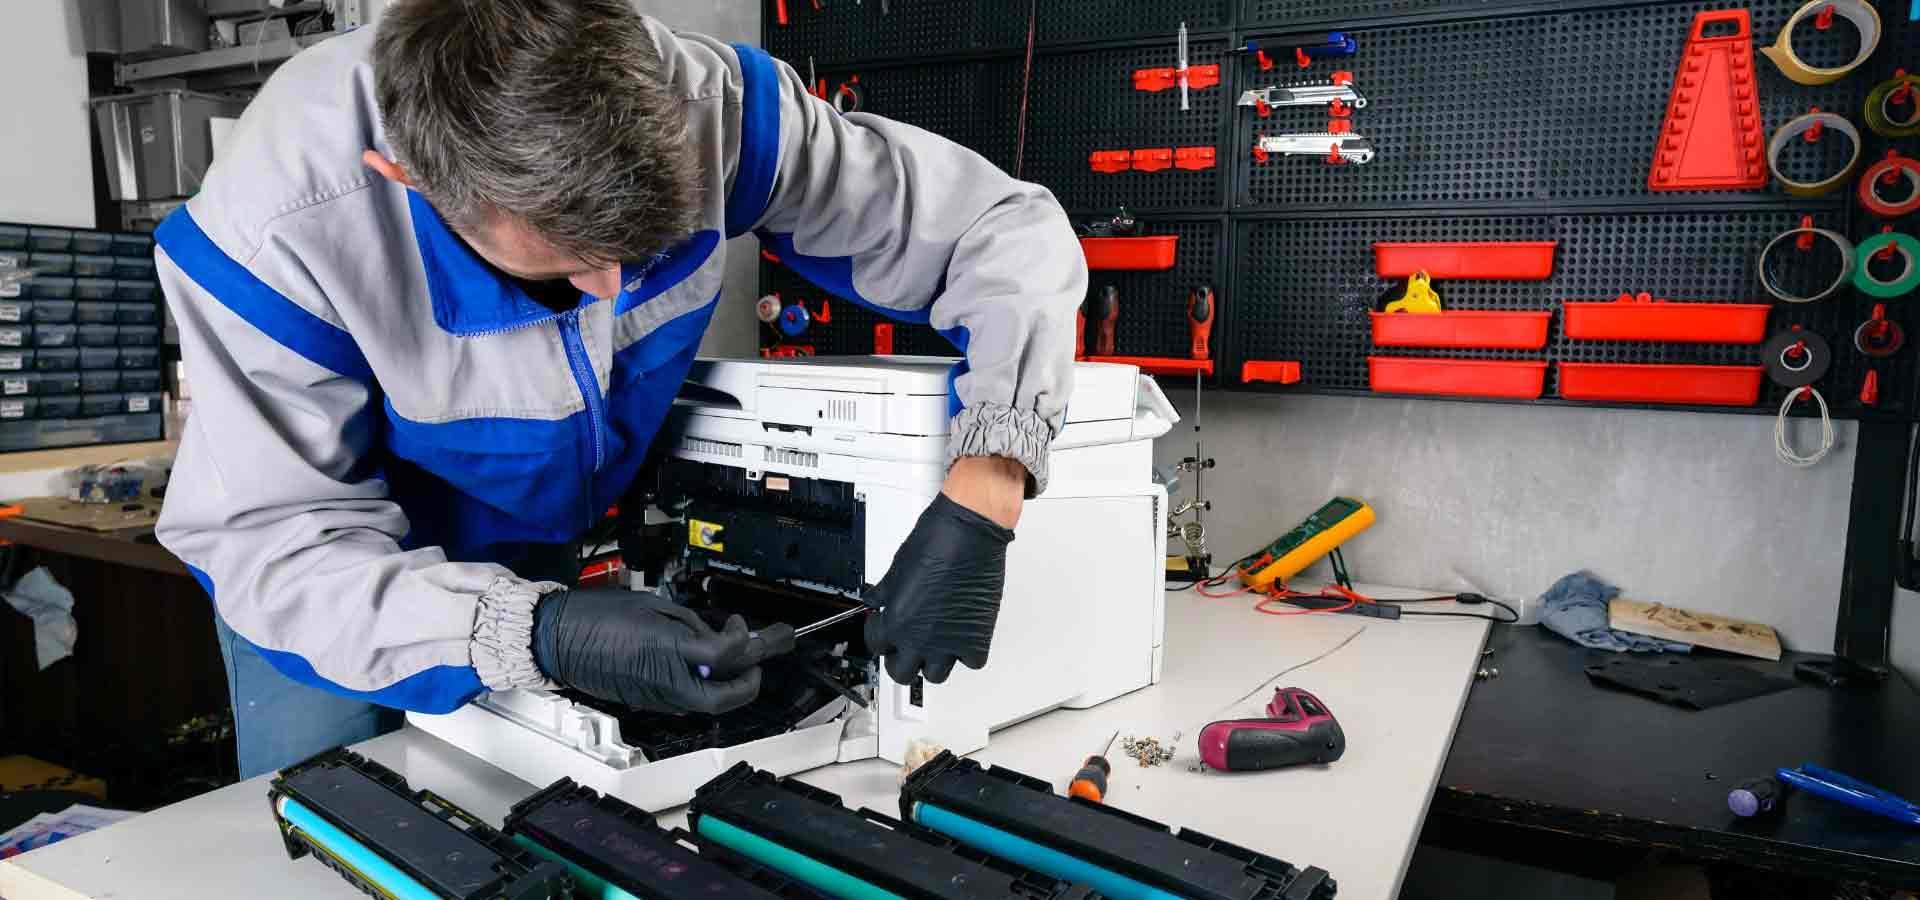 Reparing printer